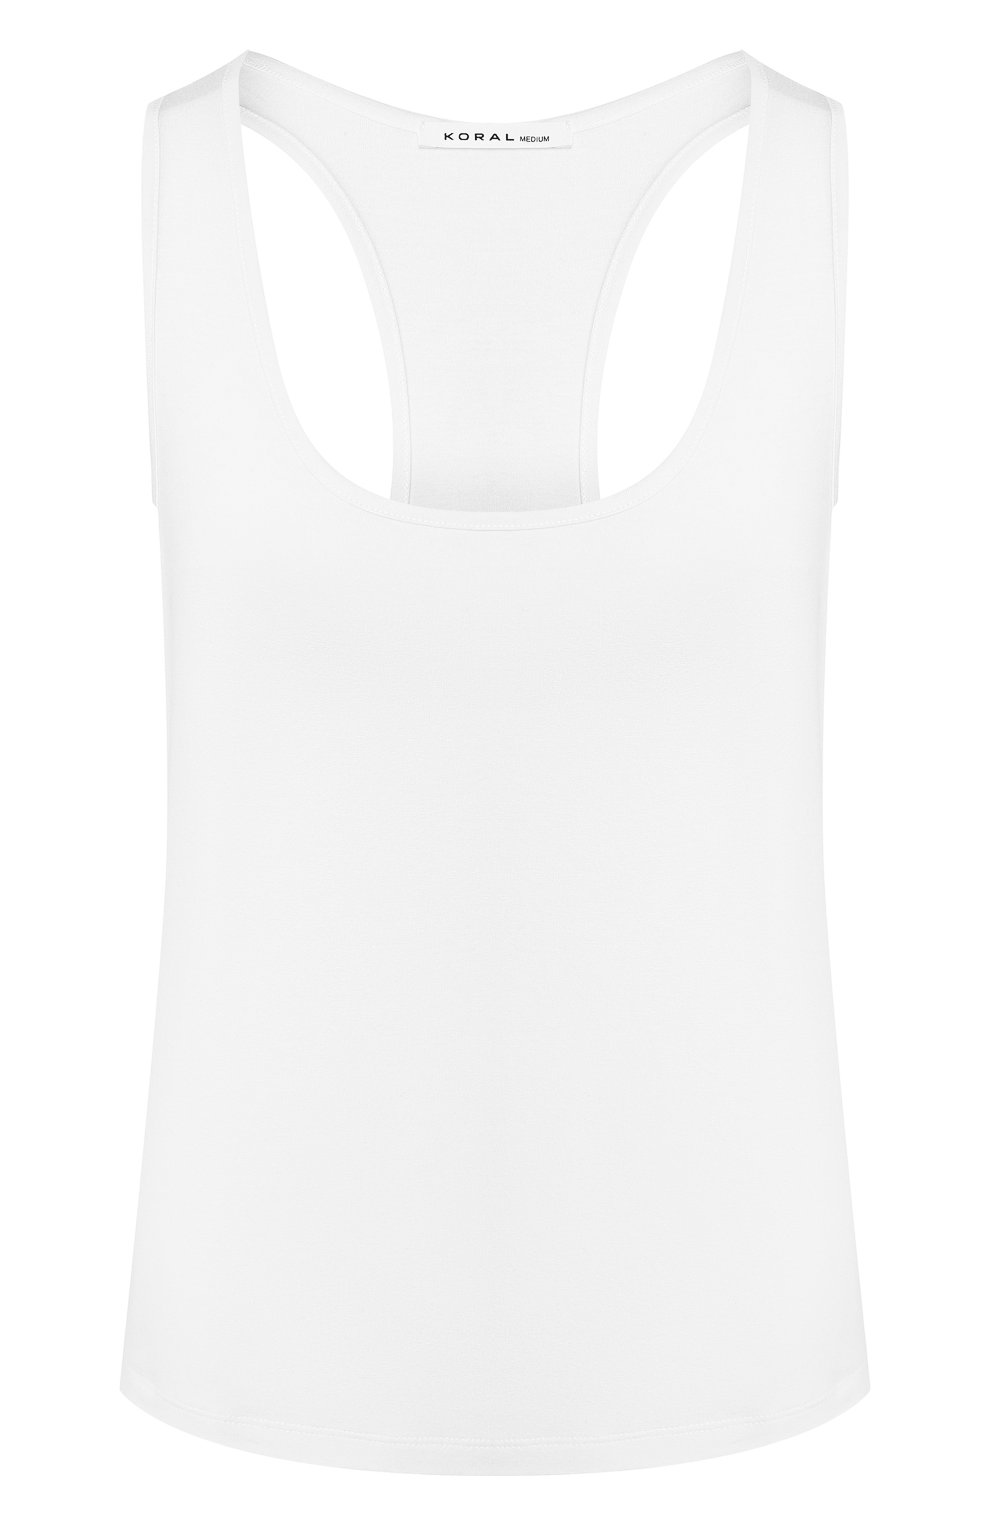 Женский майка из вискозы KORAL белого цвета, арт. A6291J75 | Фото 1 (Кросс-КТ: без рукавов; Принт: Без принта; Длина (для топов): Стандартные; Материал внешний: Вискоза; Стили: Спорт; Статус проверки: Проверена категория)